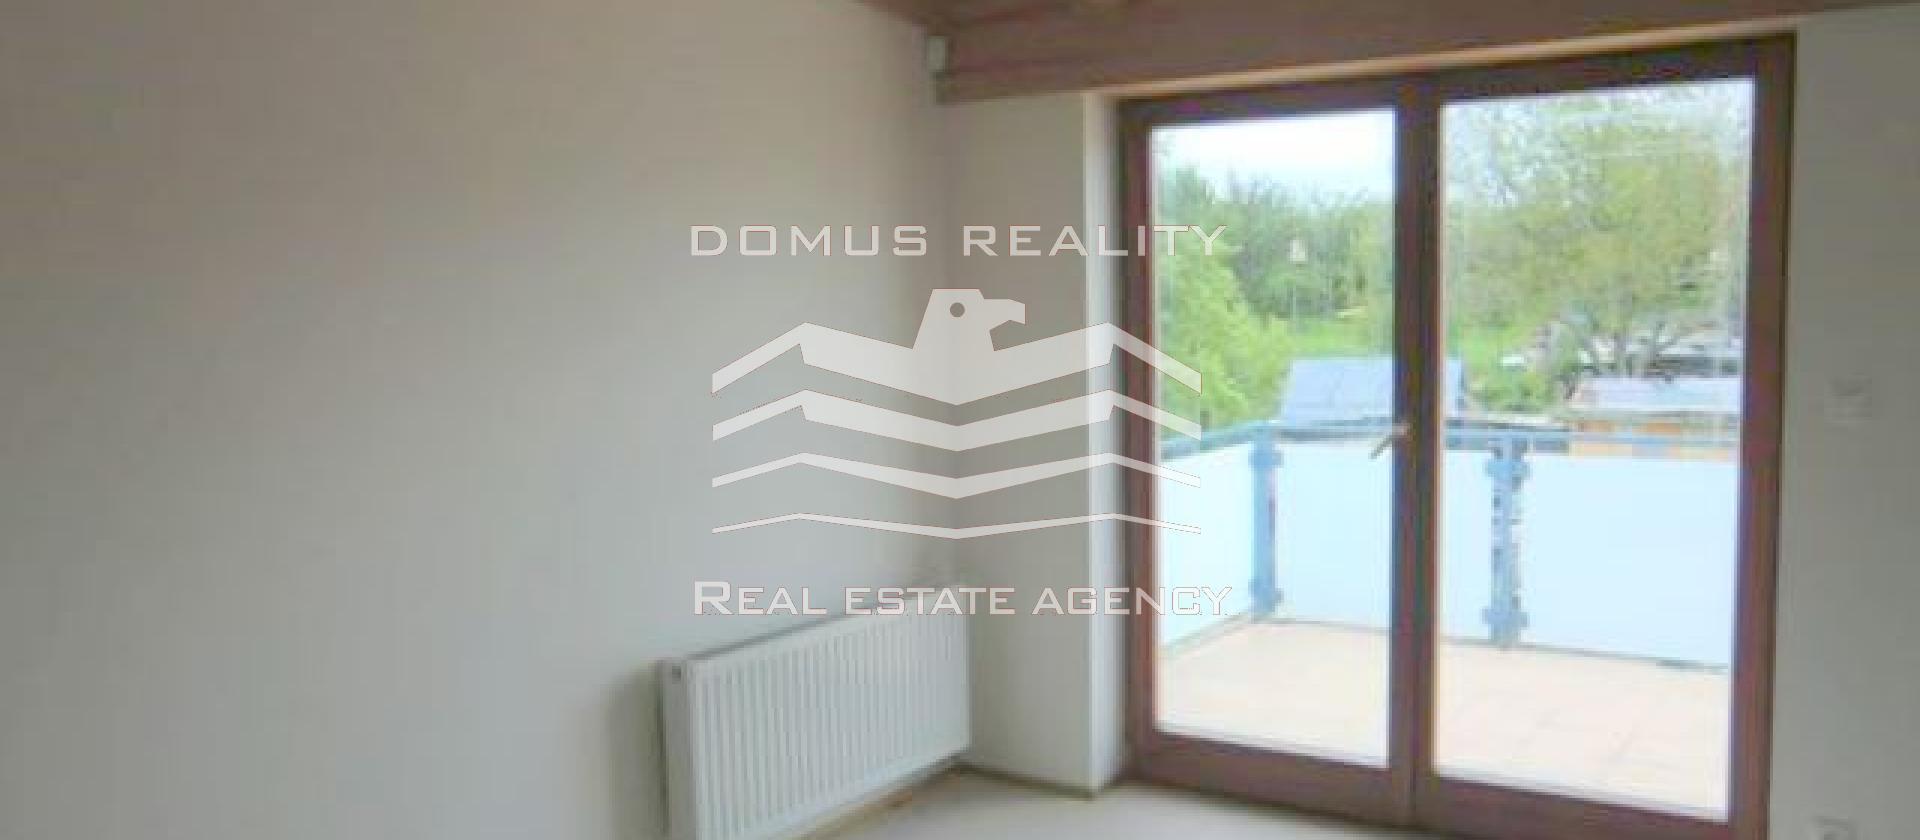 Pronájem bytu 4+kk 160 m² ulice U Kopečku, Tuchoměřice - část obce Tuchoměřice